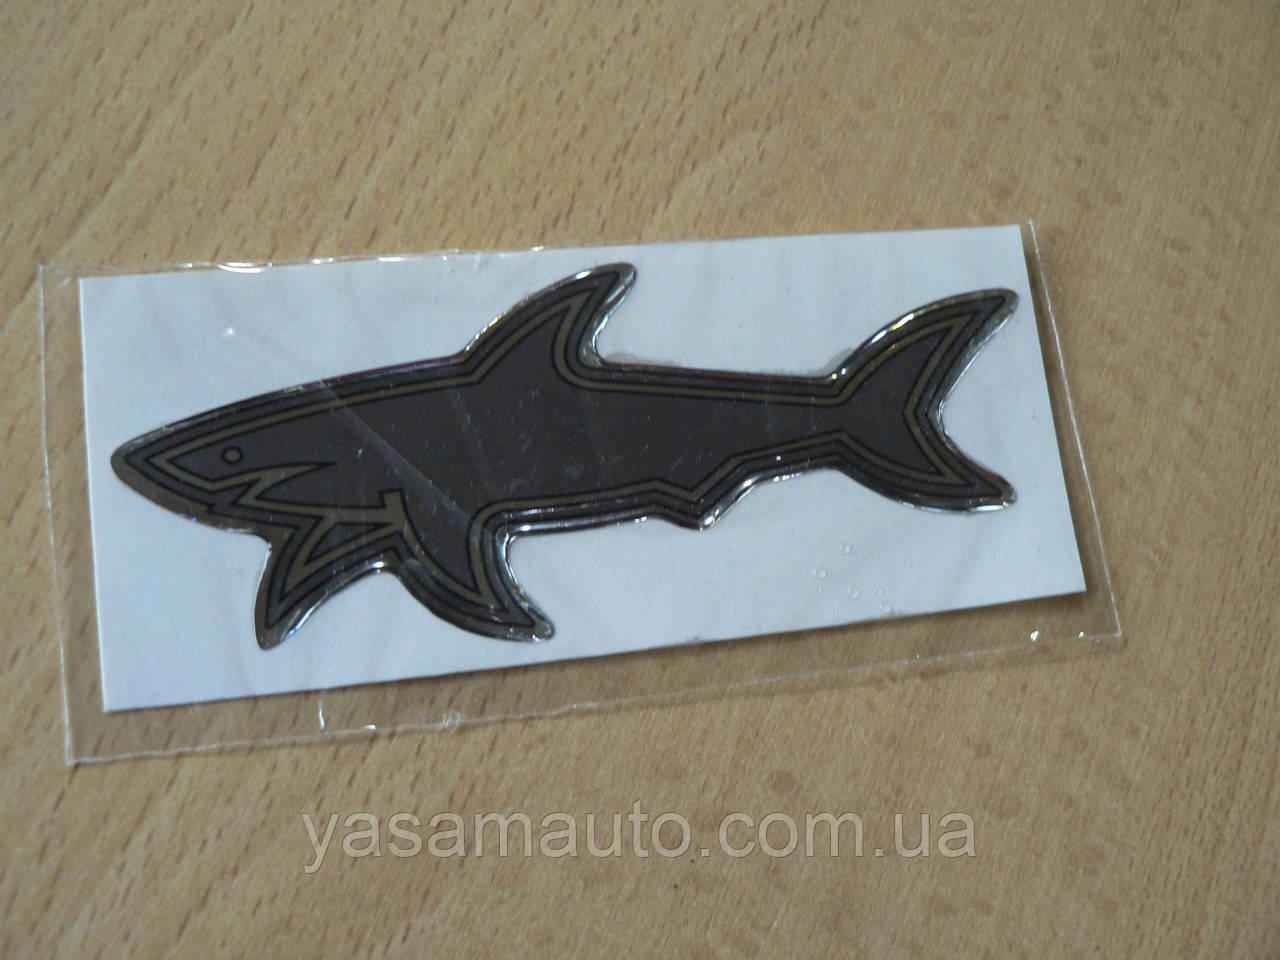 Наклейка s силіконова Акула добра 100х39х1,1 сіра №1 ніс вліво на авто